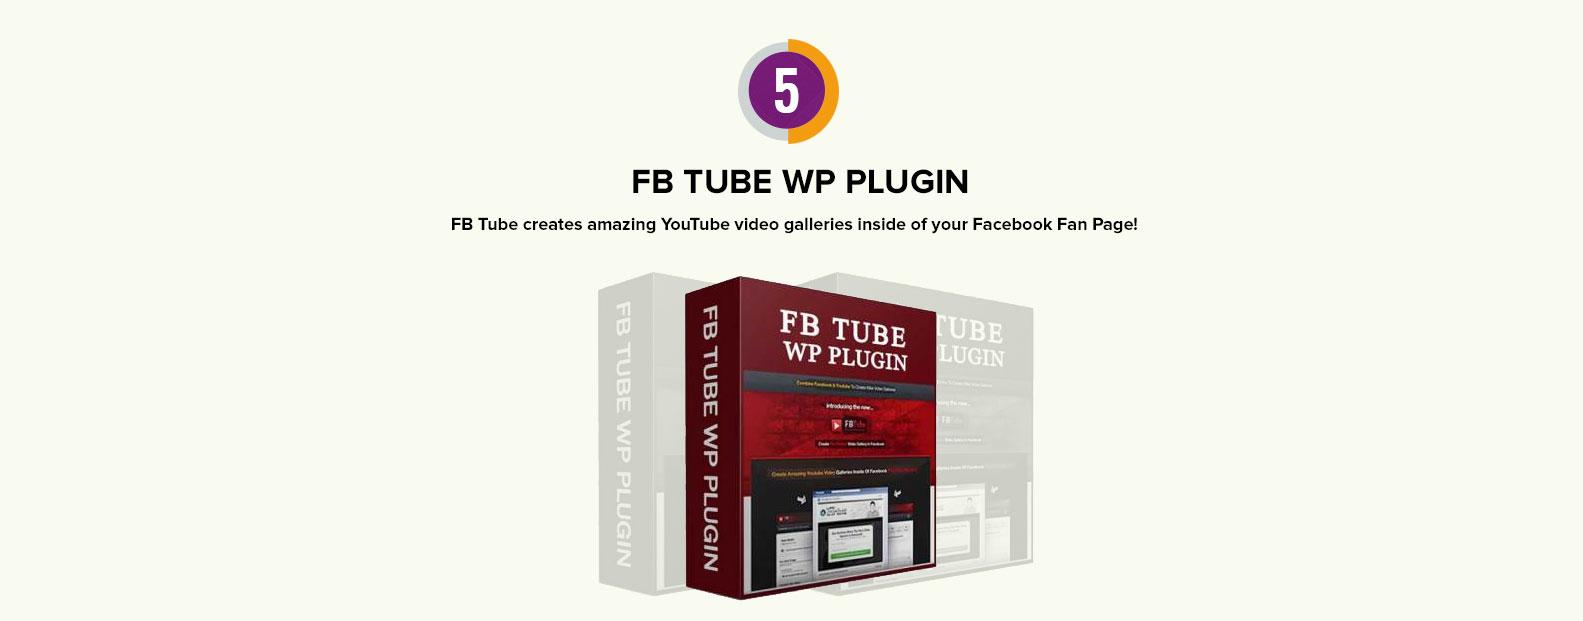 fb tube wp plugin